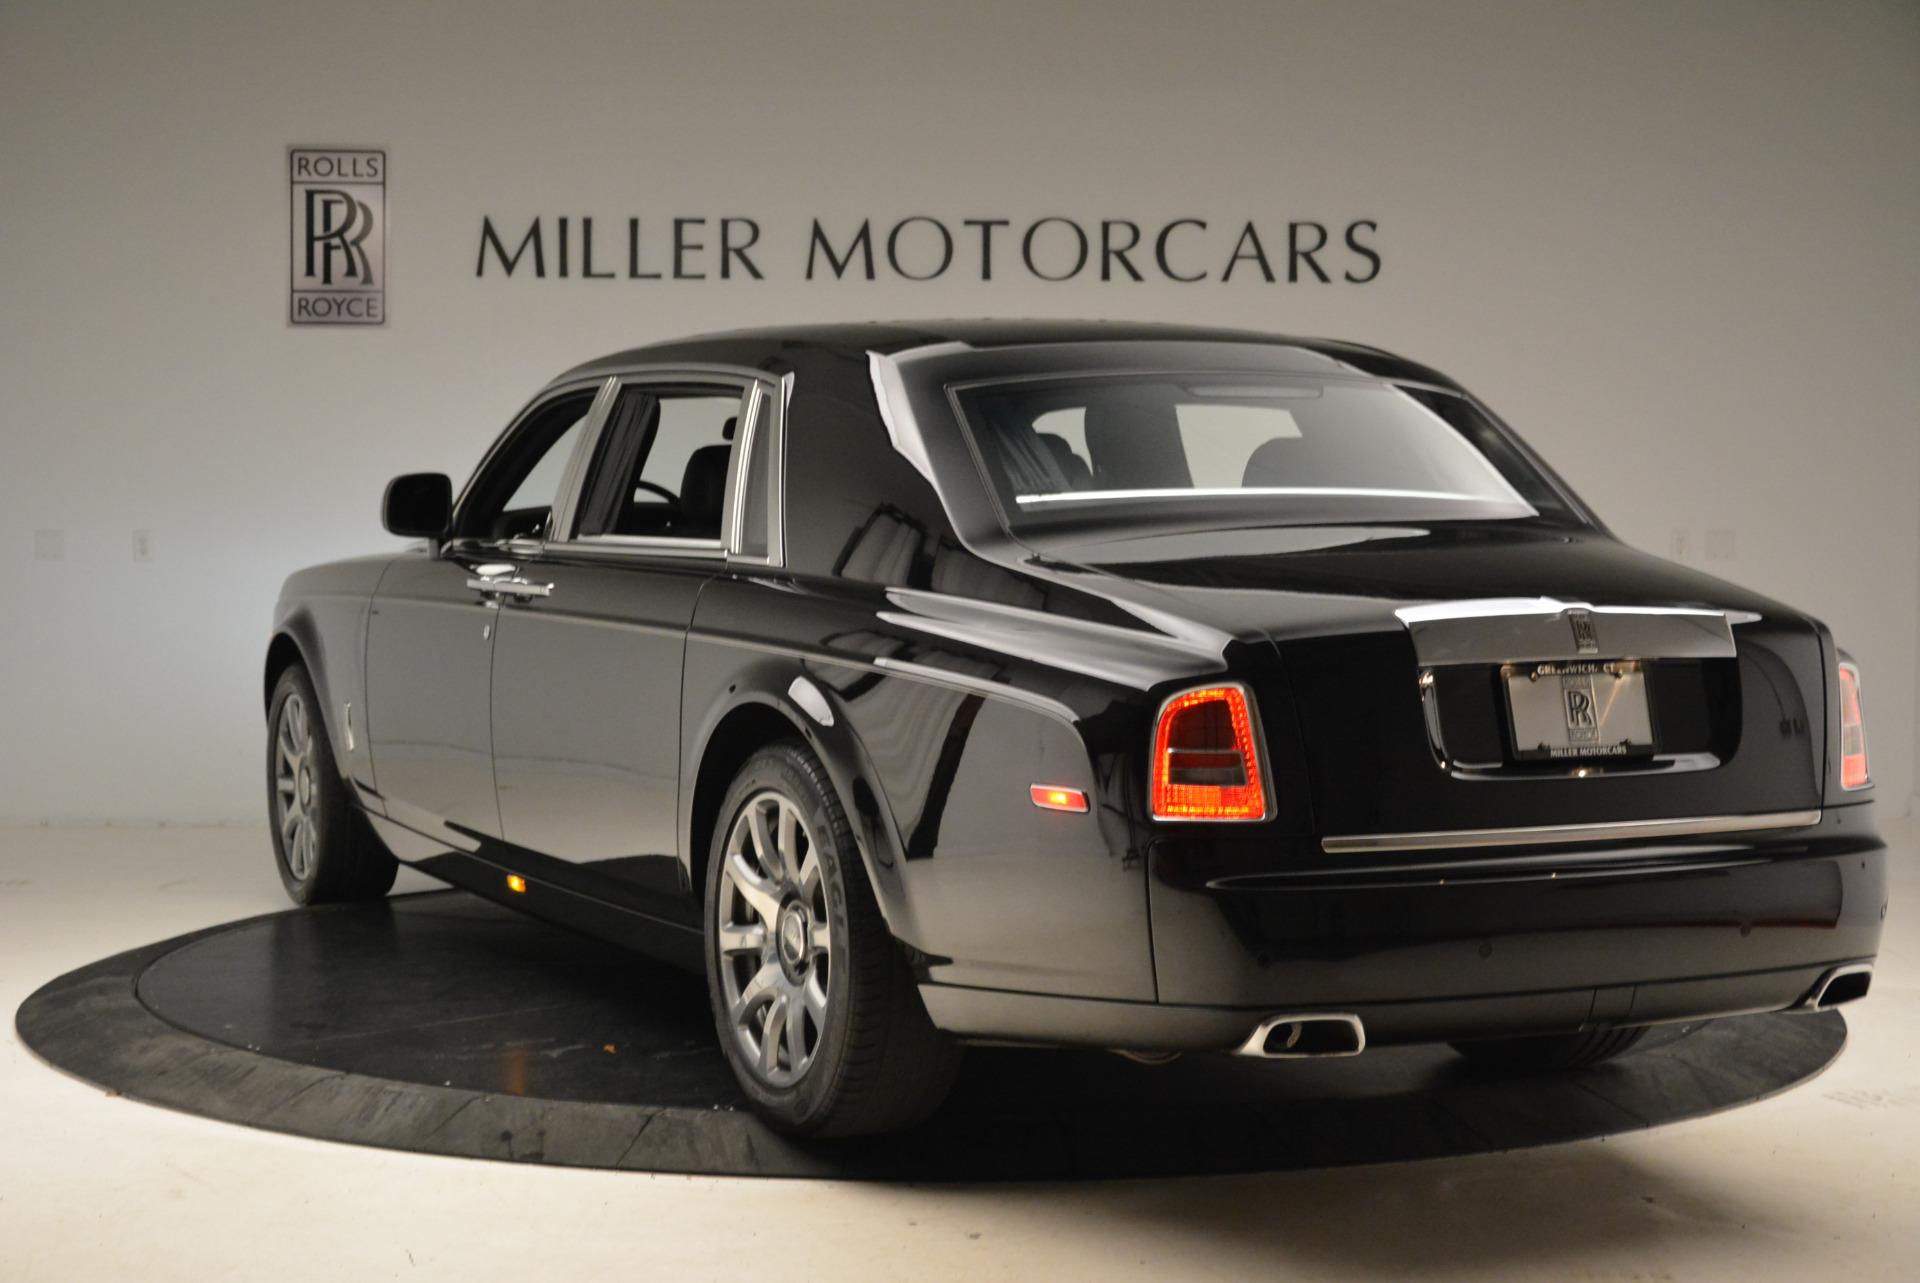 Used 2014 Rolls-Royce Phantom EWB For Sale In Greenwich, CT 2051_p7